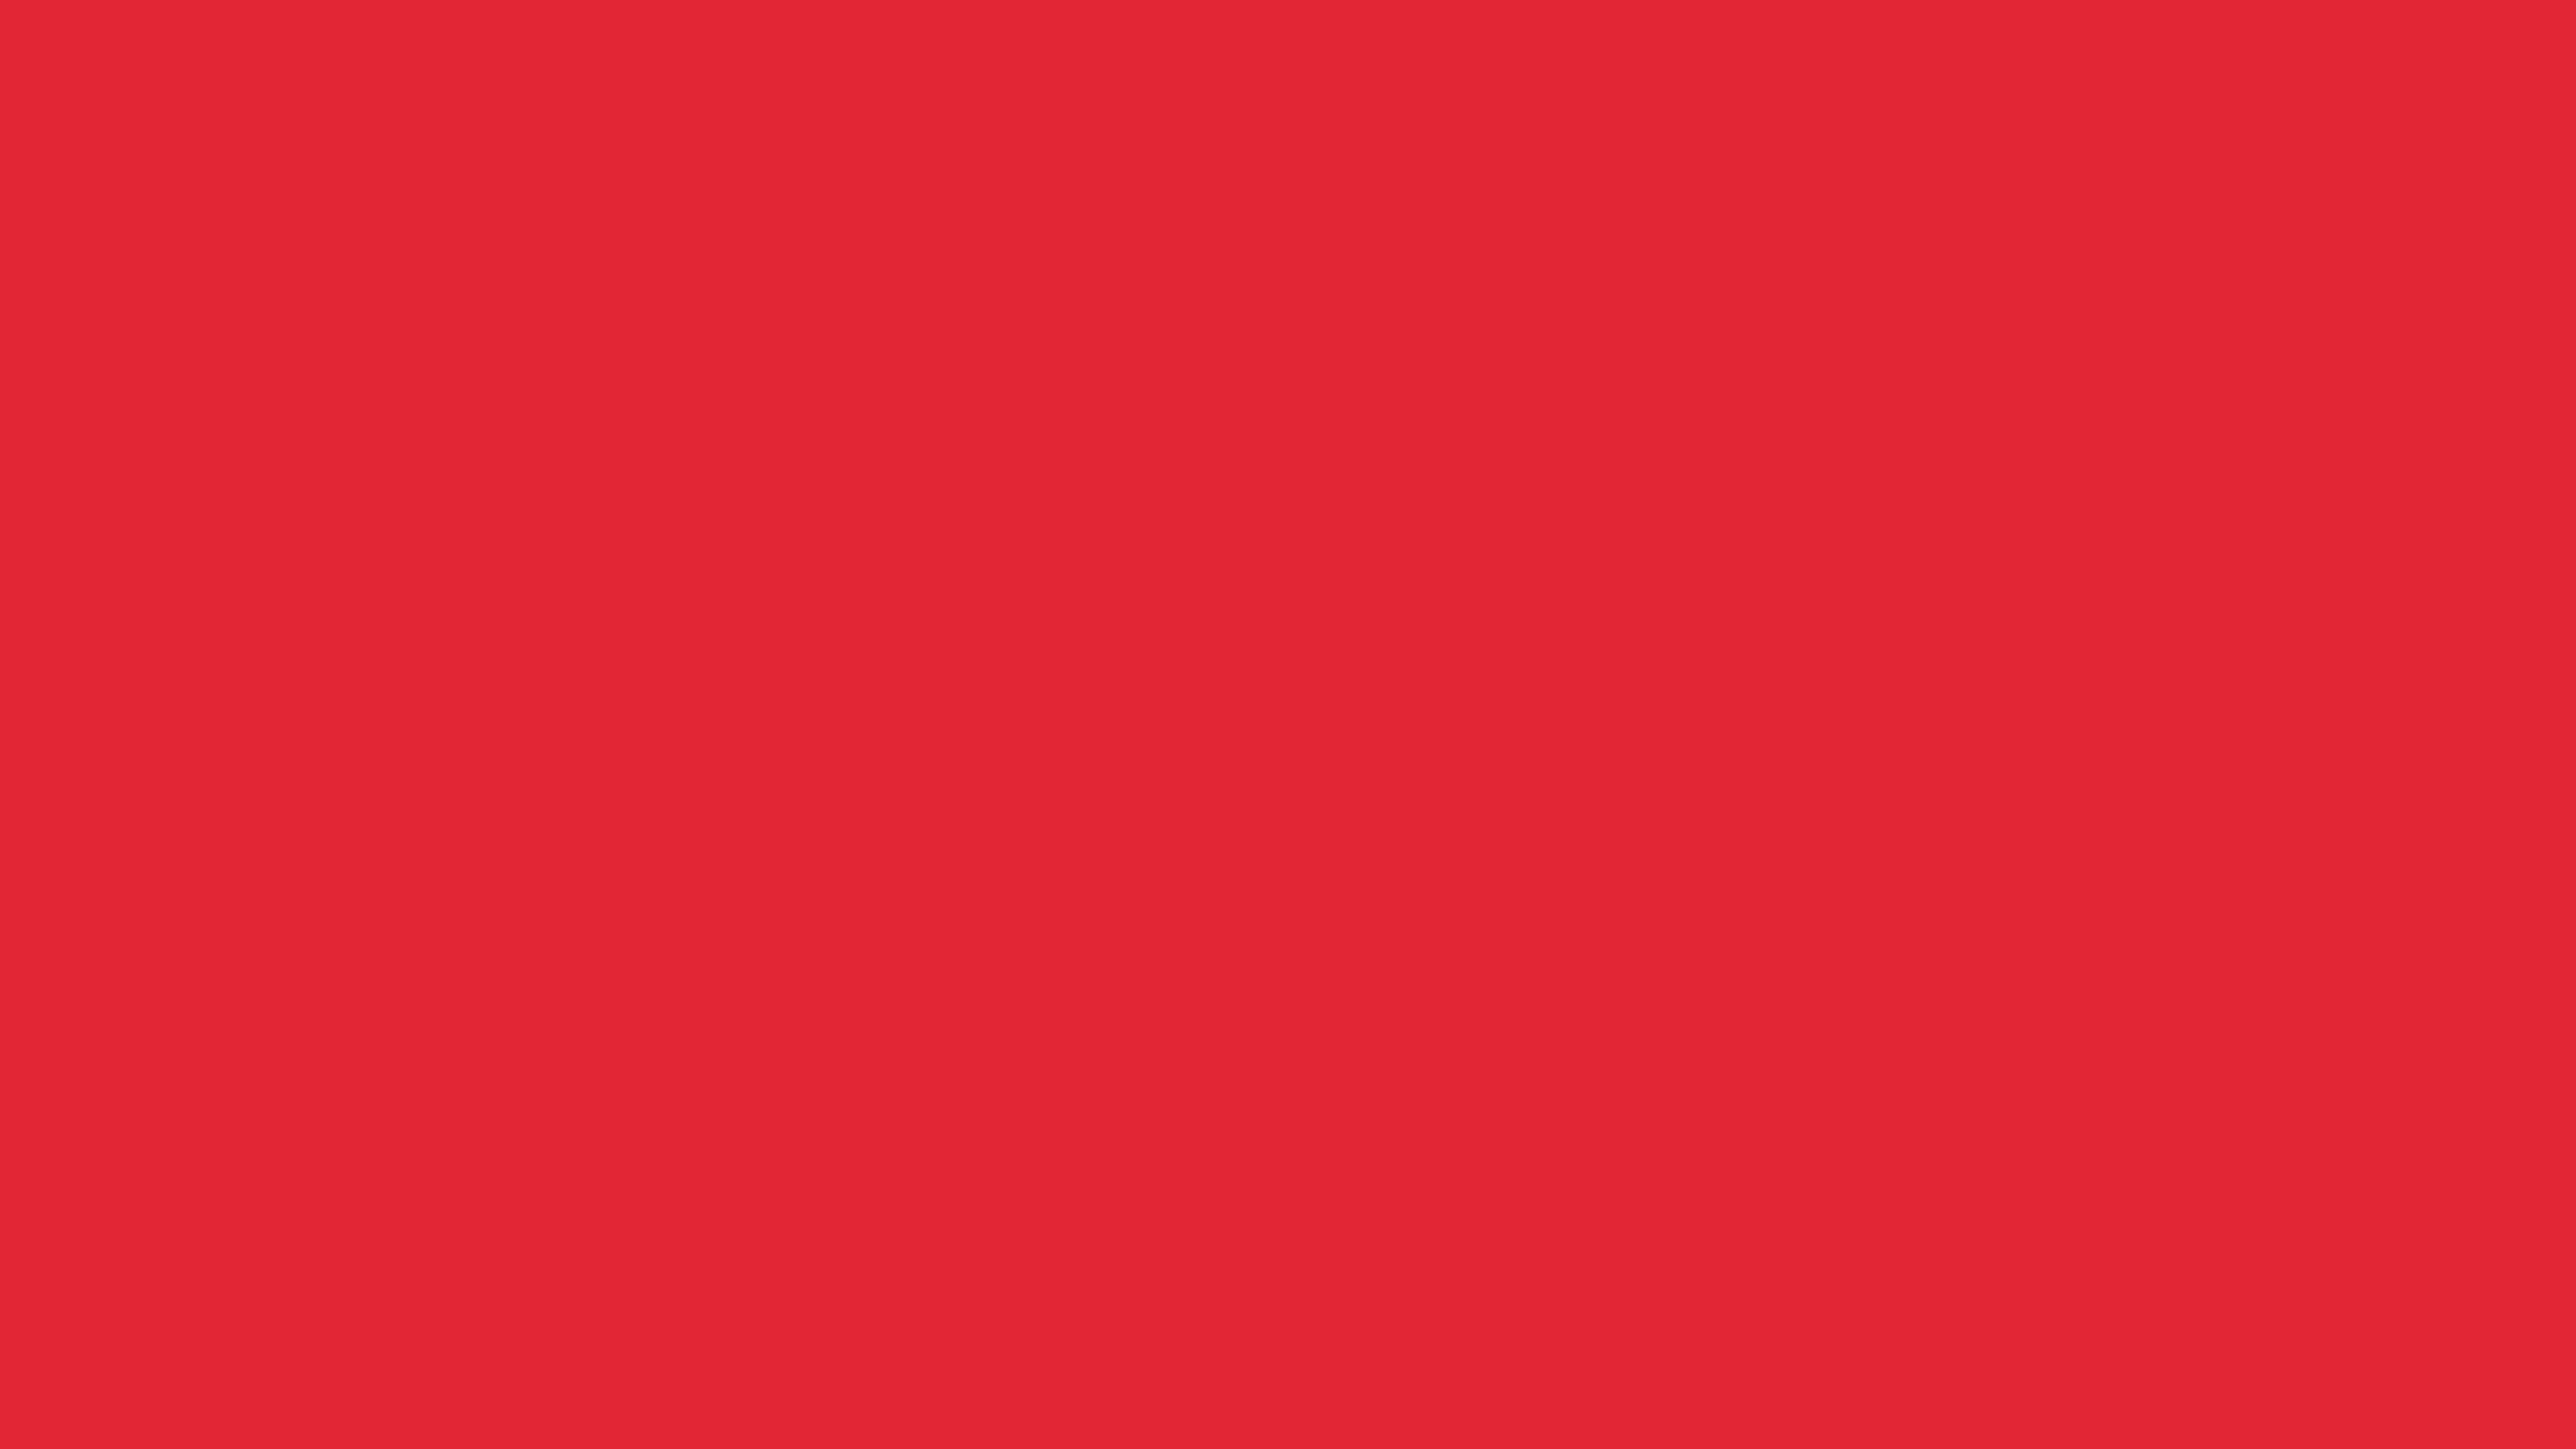 5120x2880 Alizarin Crimson Solid Color Background